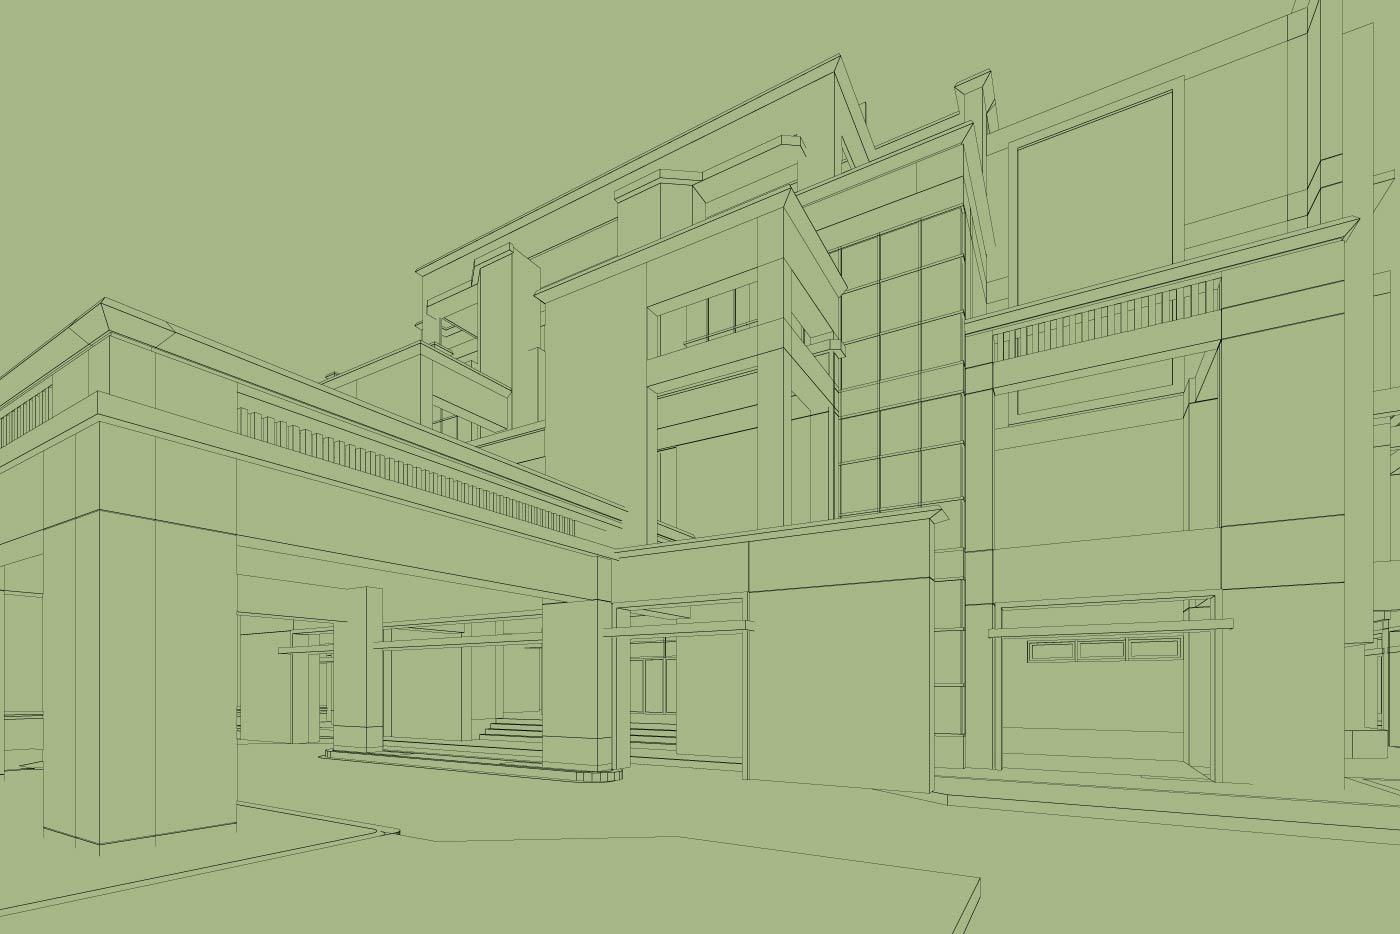 Design - Architecture